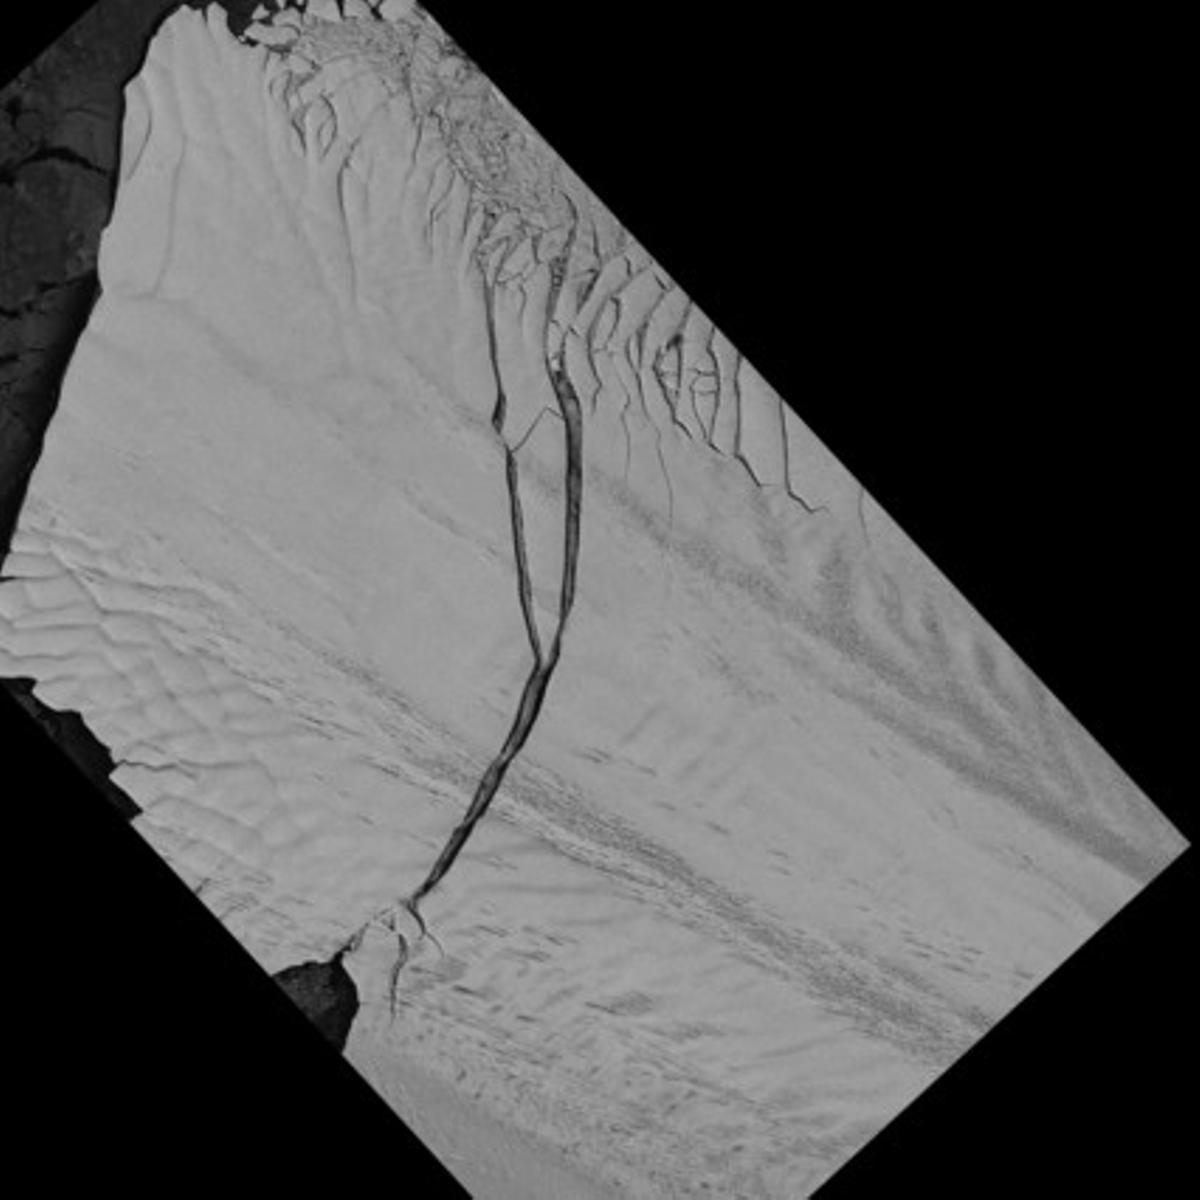 El nuevo iceberg surgido del glaciar Pine Island, fotografiado por el satélite aleman TerraSar-X.